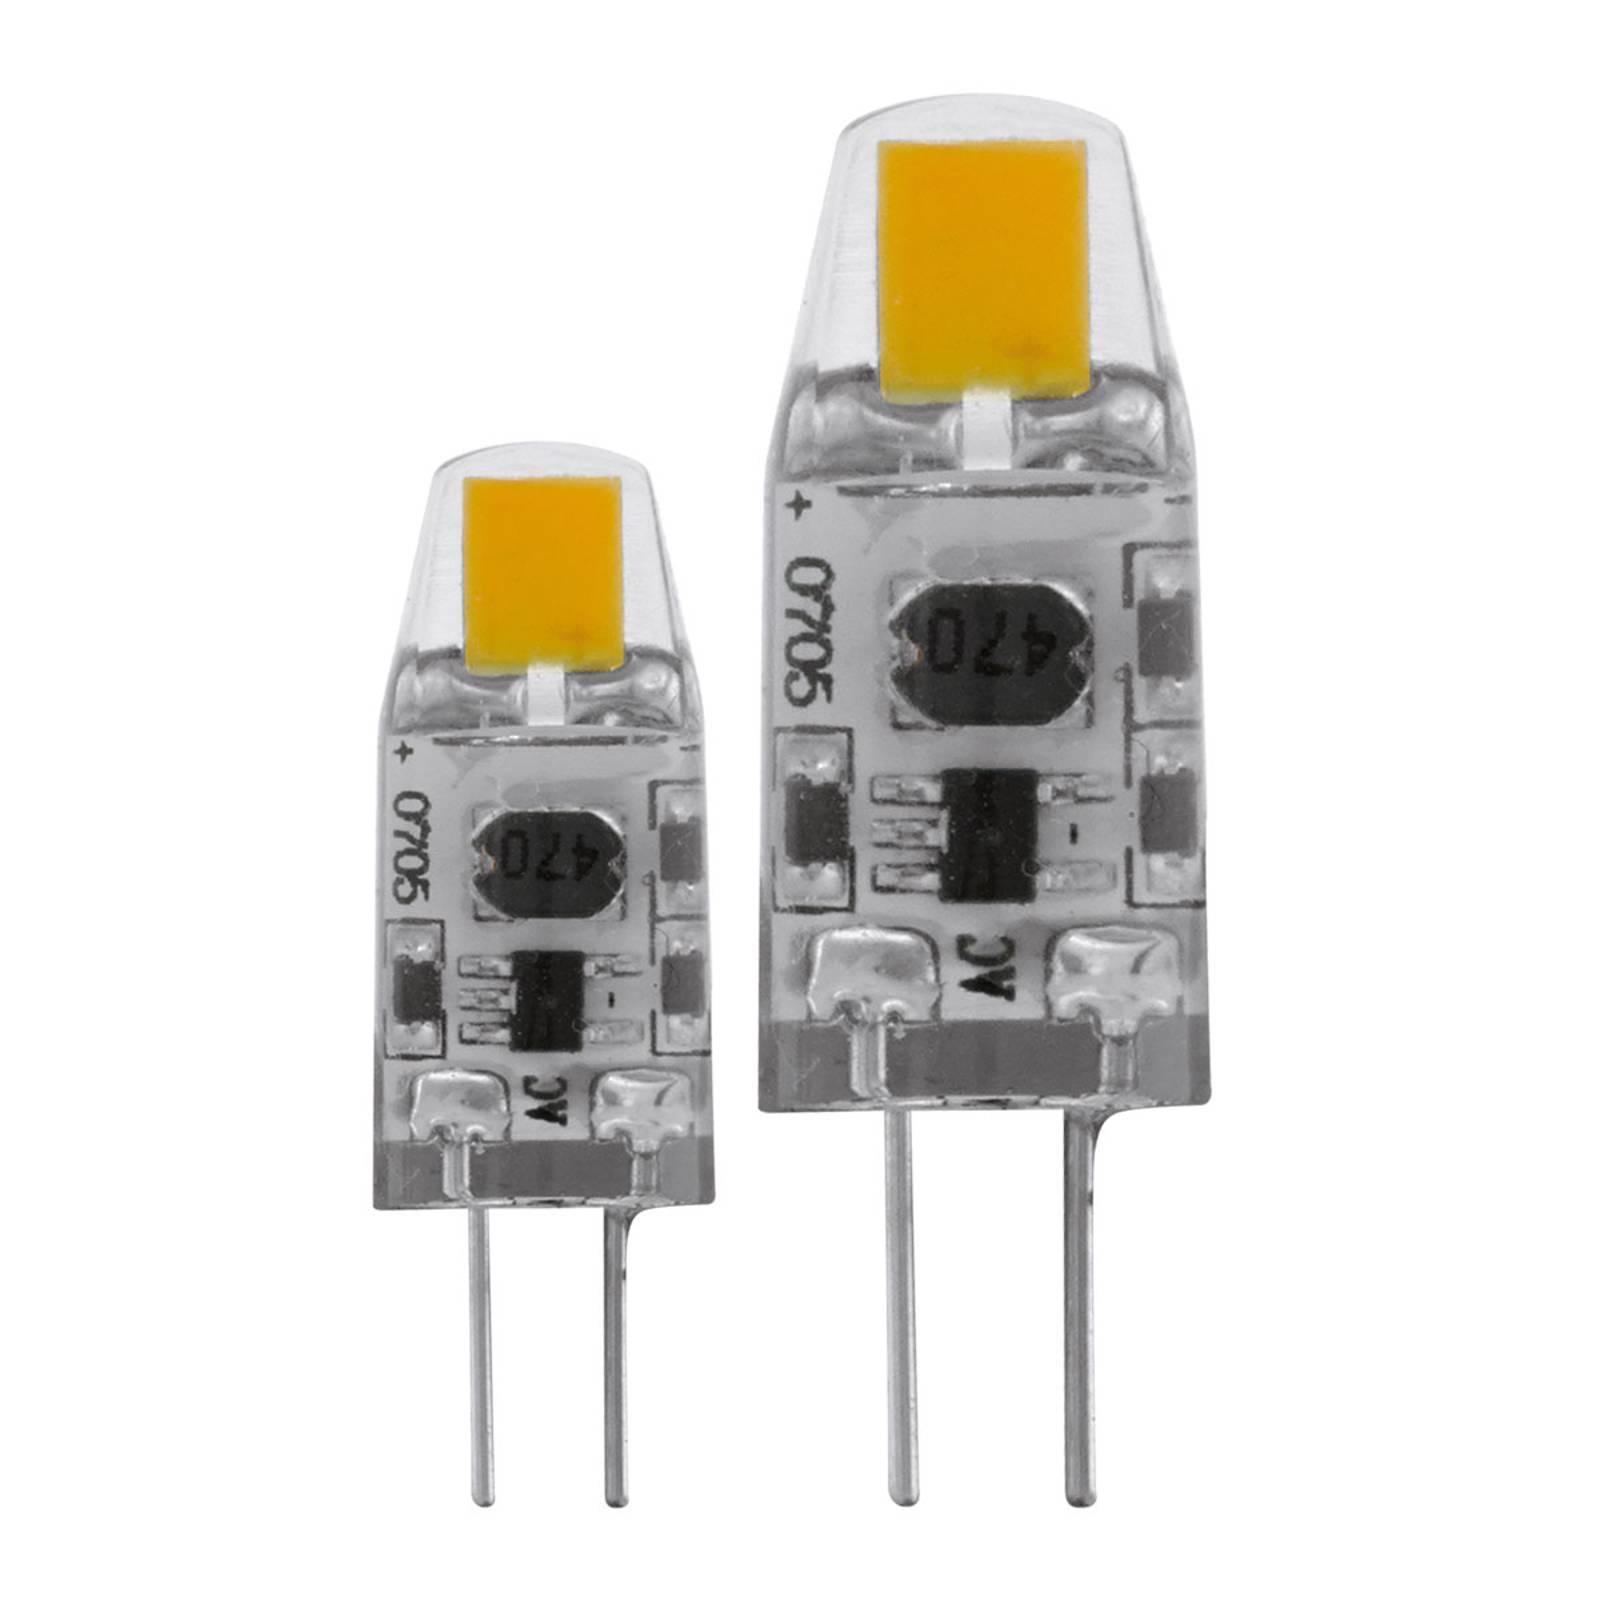 LED-lamppu G4 1,8W, lämmin valkoinen 2 kpl/pakkaus